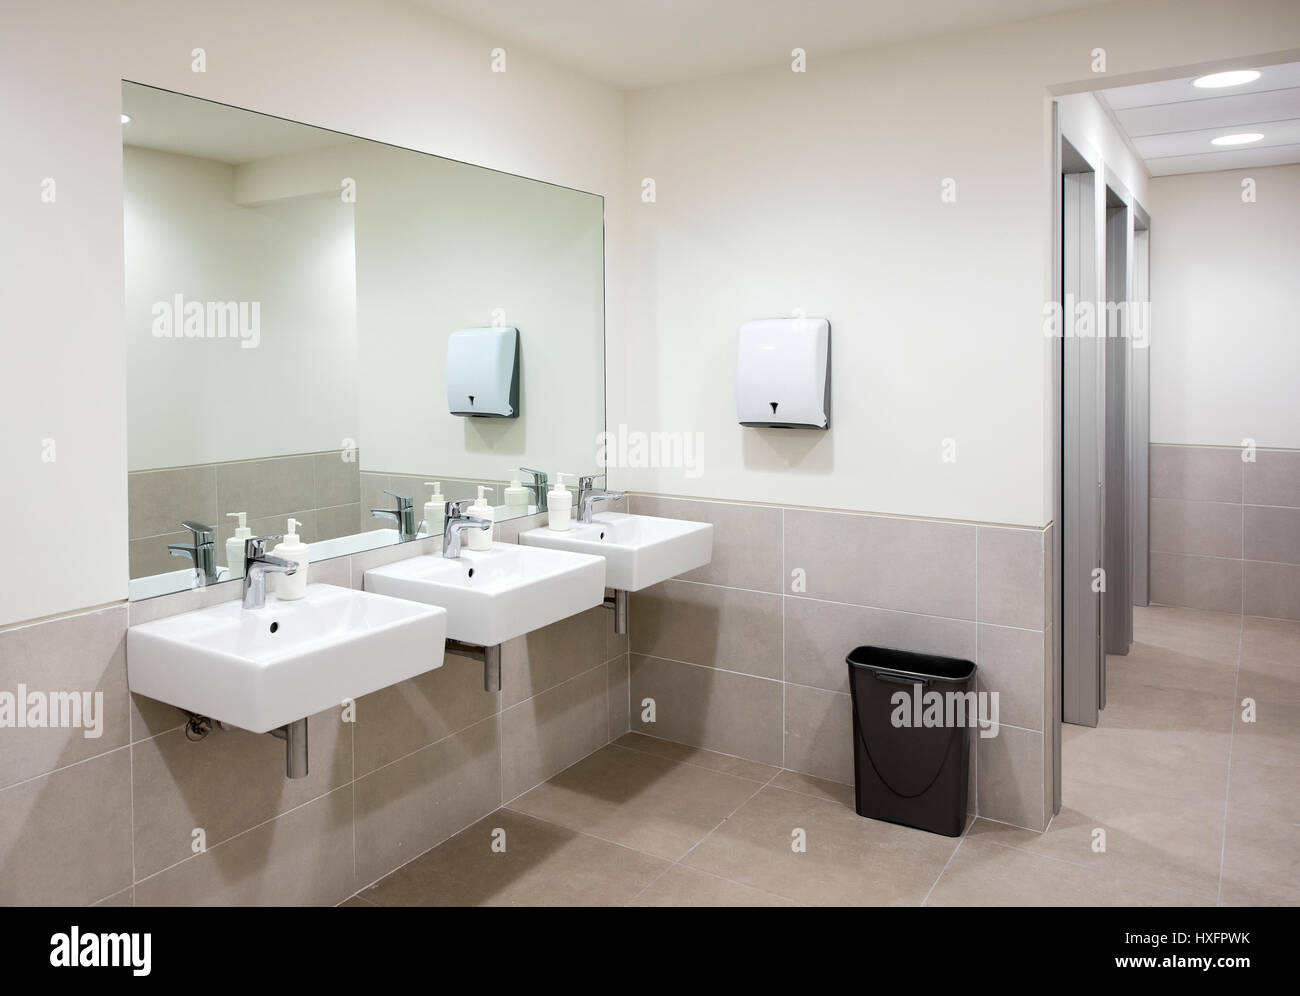 ffentliches bad oder toilette mit einer reihe von drei handwaschbecken mit seifenspender unter. Black Bedroom Furniture Sets. Home Design Ideas